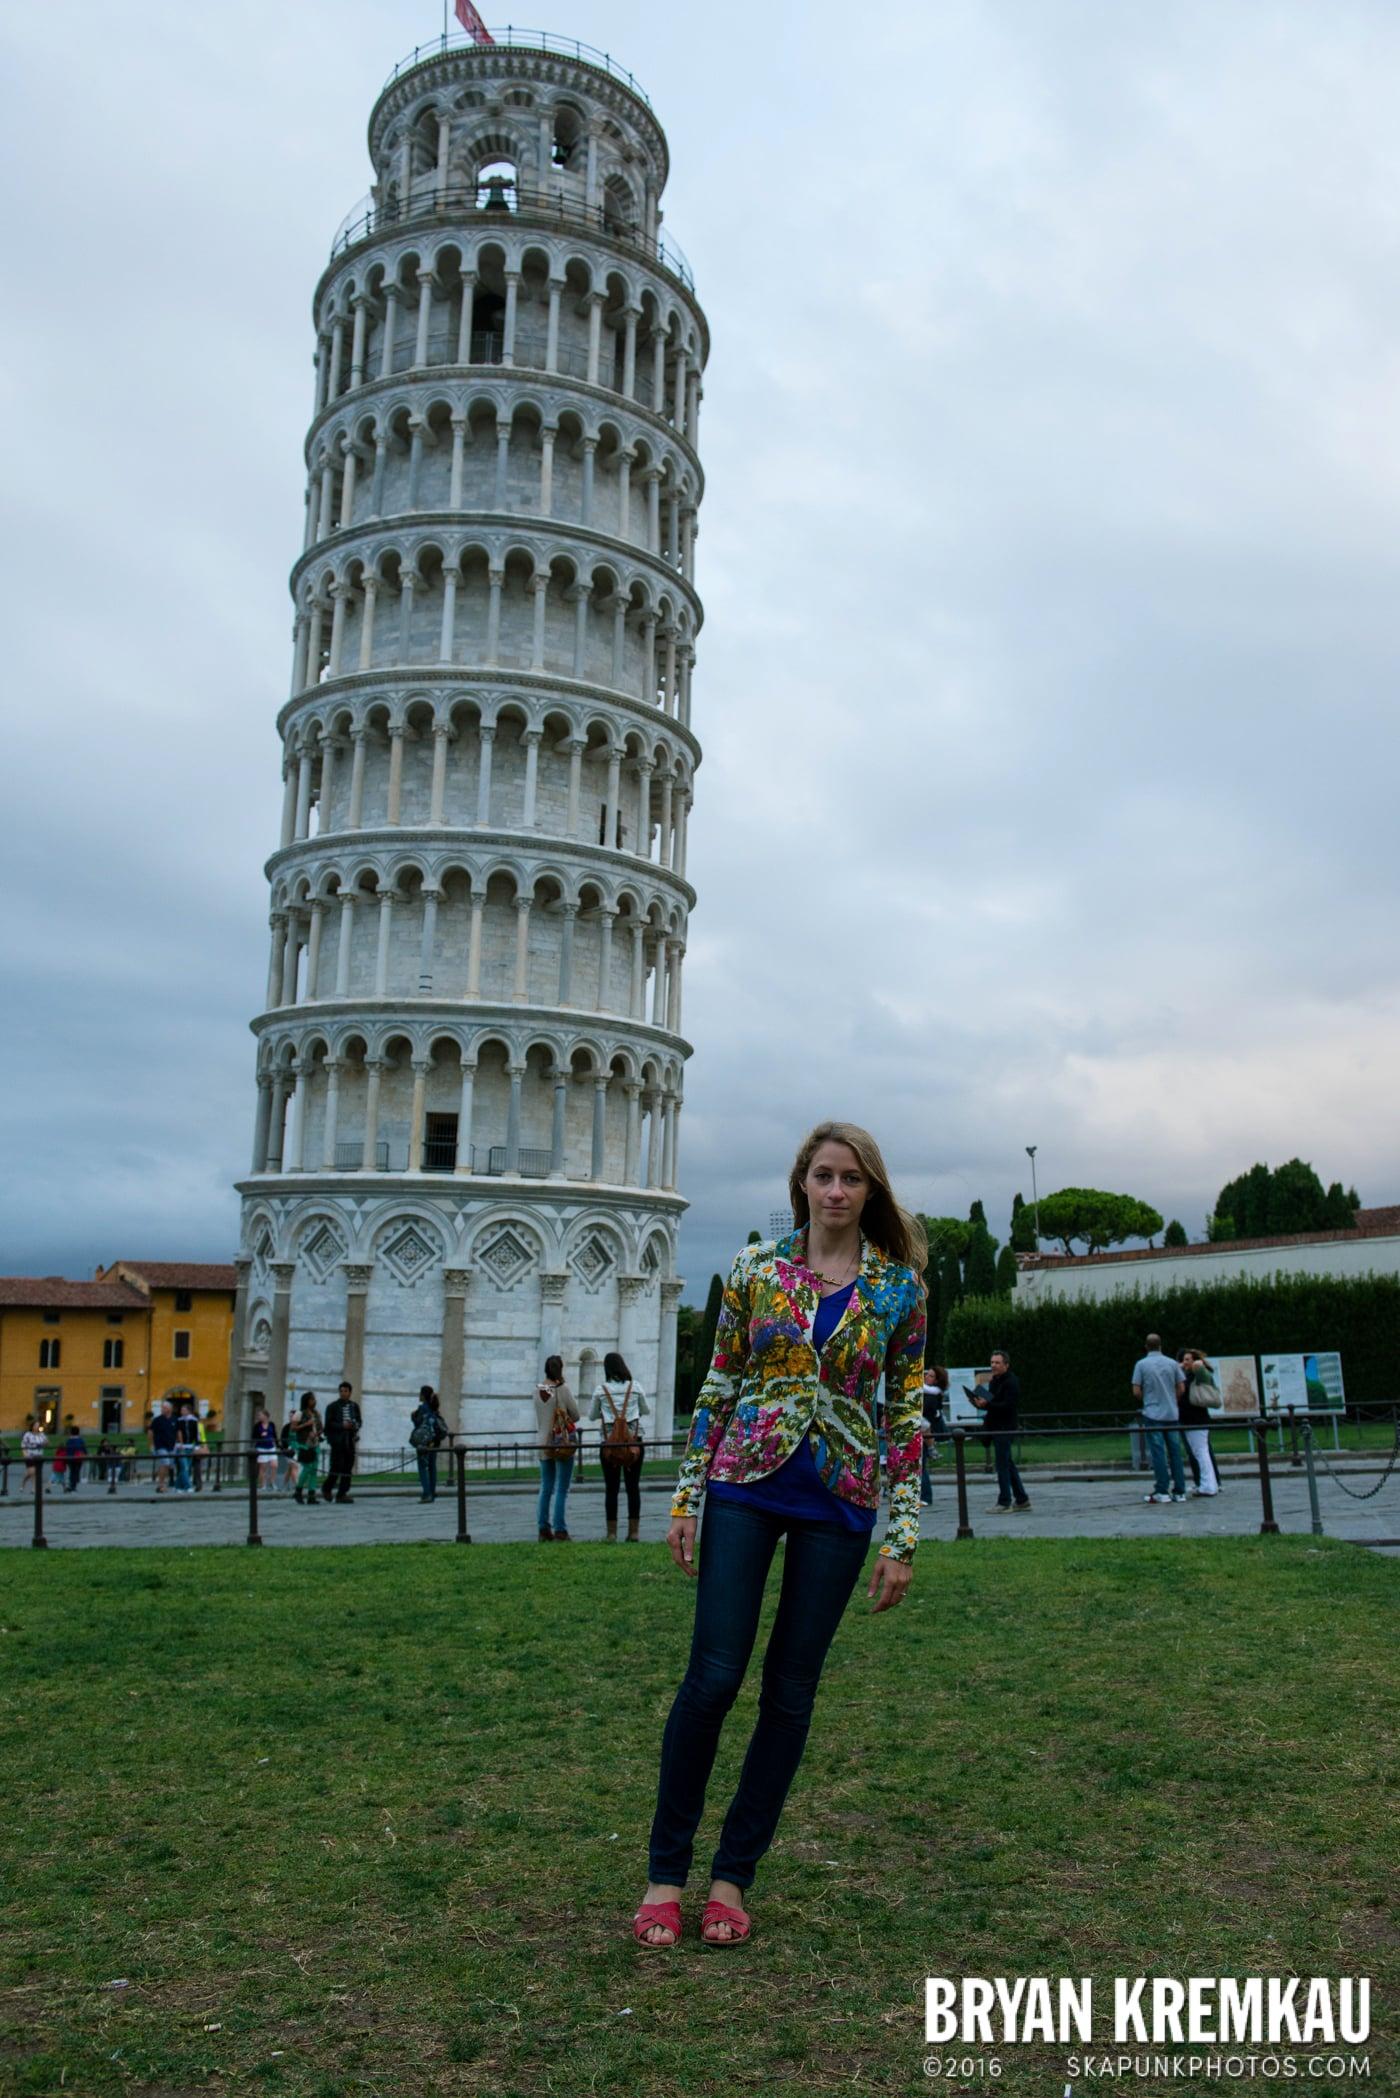 Italy Vacation - Day 8: Siena, San Gimignano, Chianti, Pisa - 9.16.13 (11)